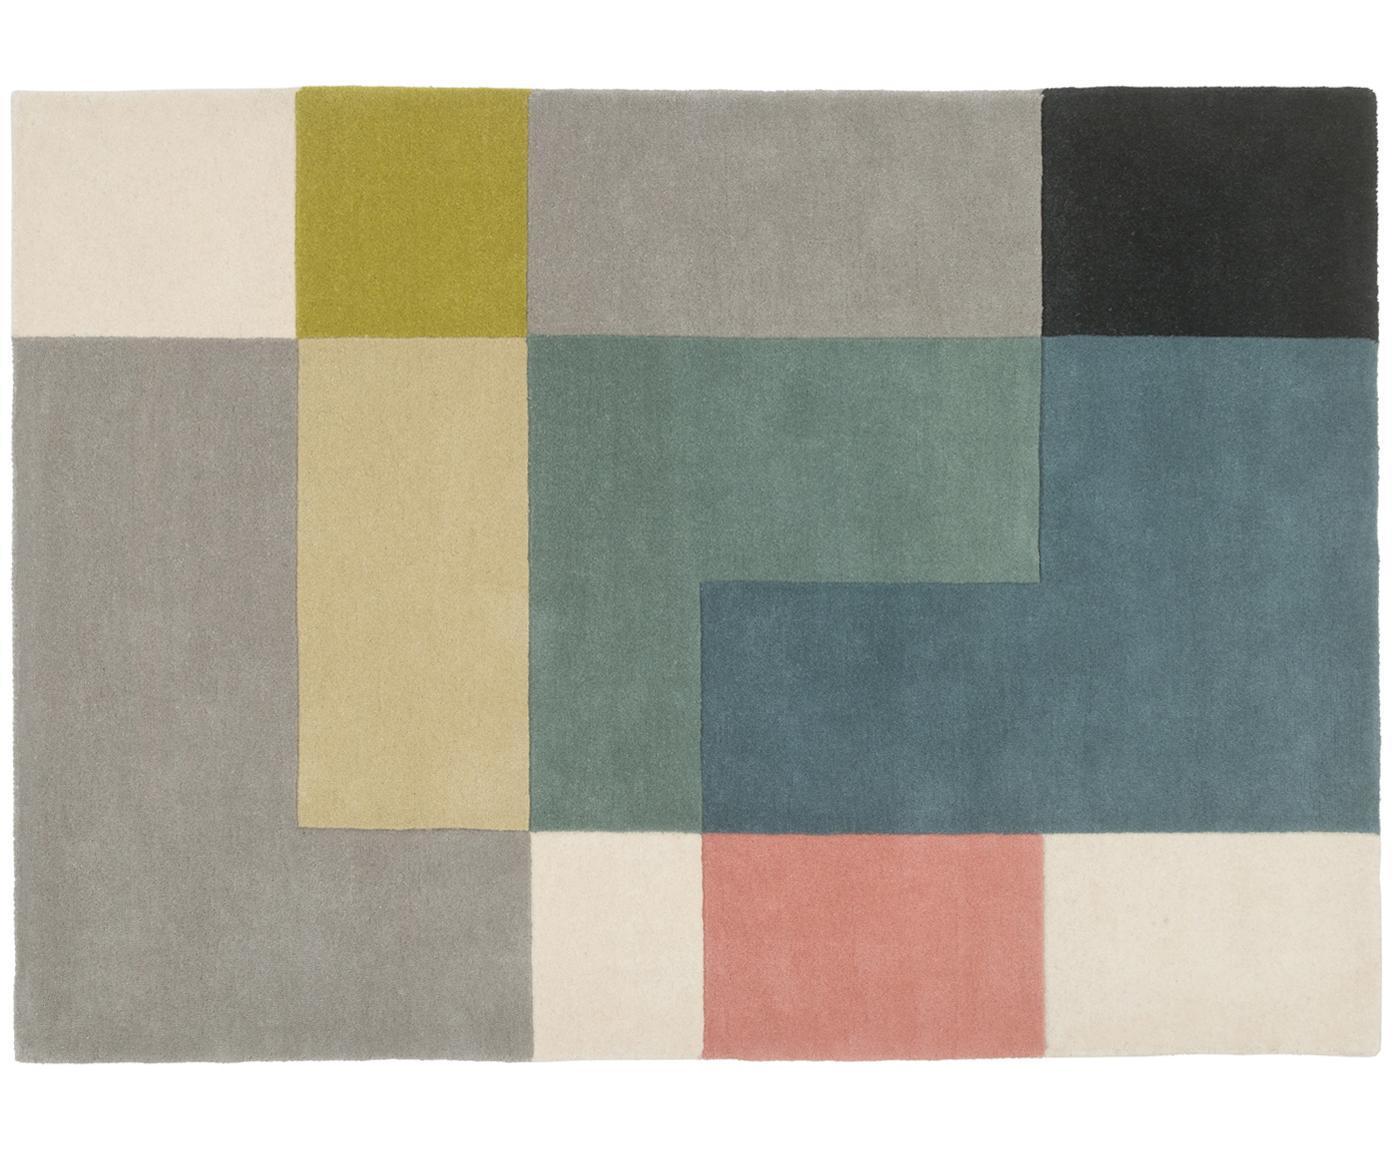 Designteppich Ometri aus Wolle, handgetuftet, Mehrfarbig, B 170 x L 240 cm (Grösse M)